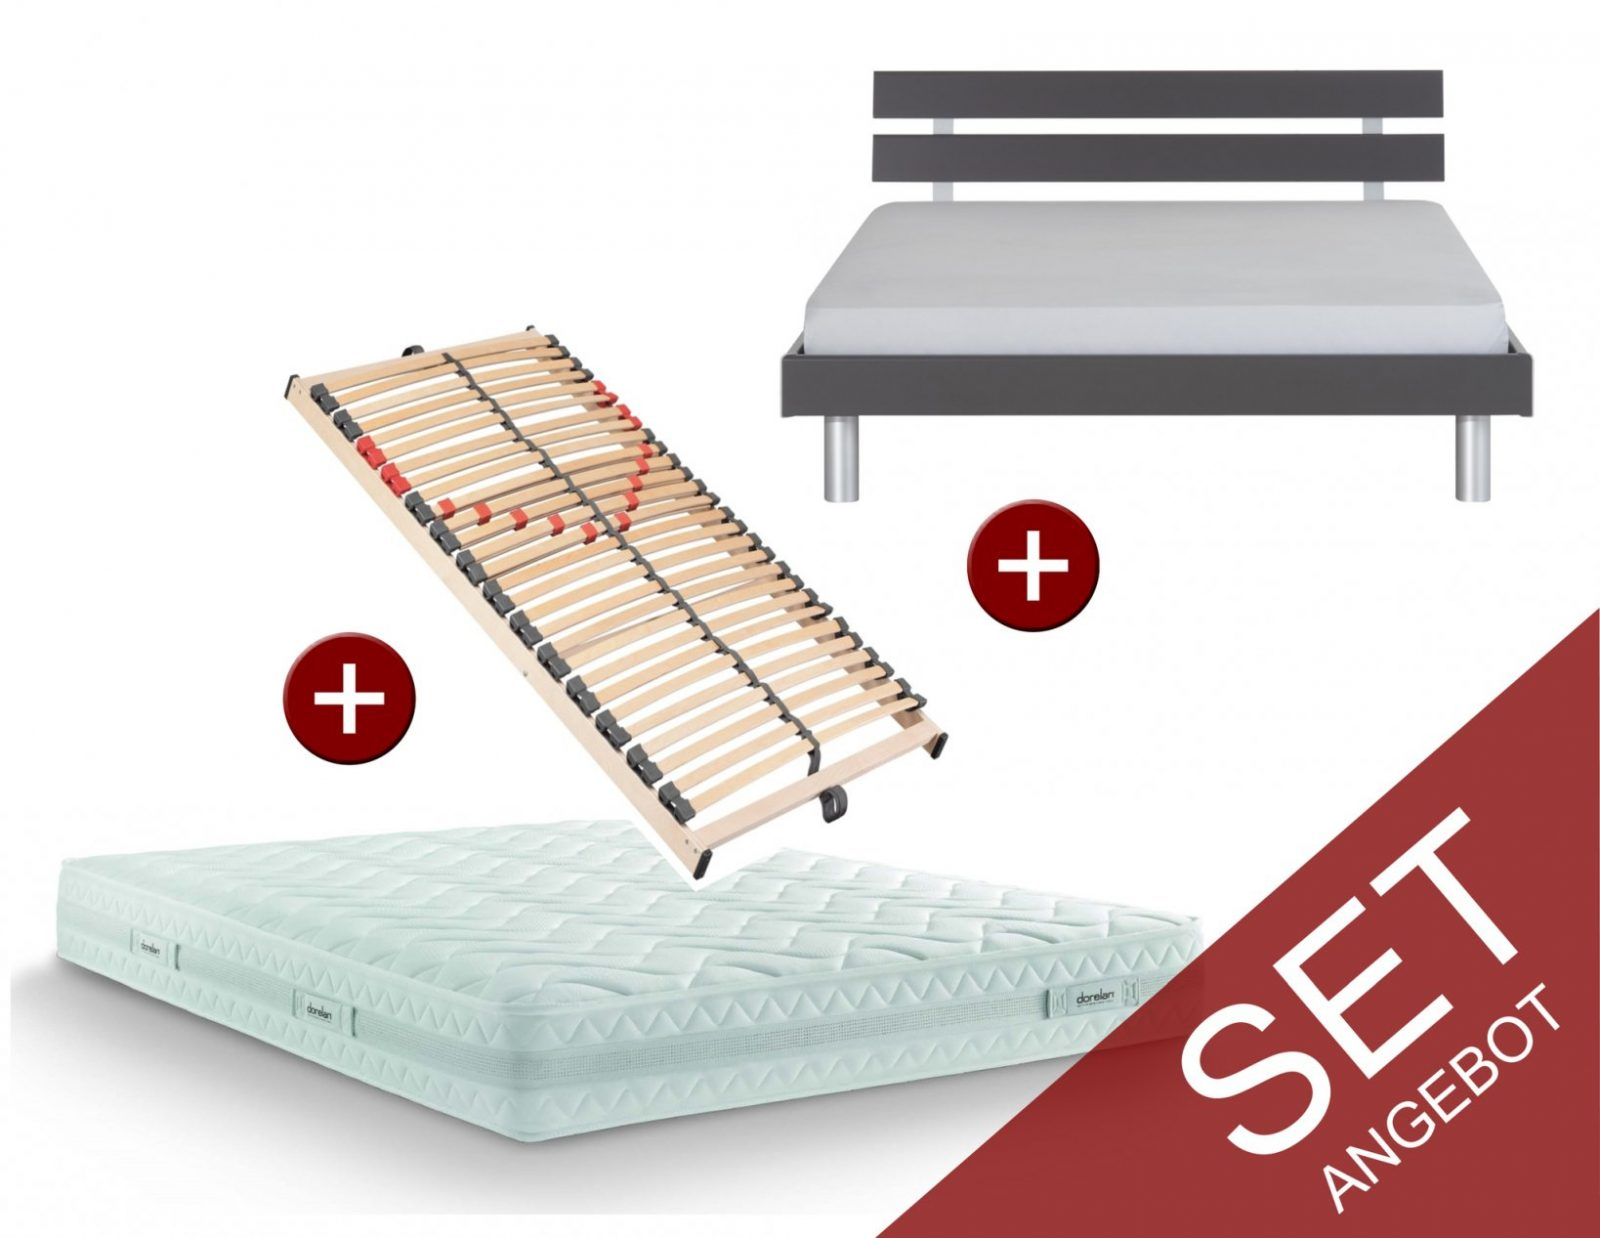 Bett 140 Anthrazit Komplett Günstig Kaufen Online Günstig Kaufen von Bett Komplett Günstig Kaufen Bild